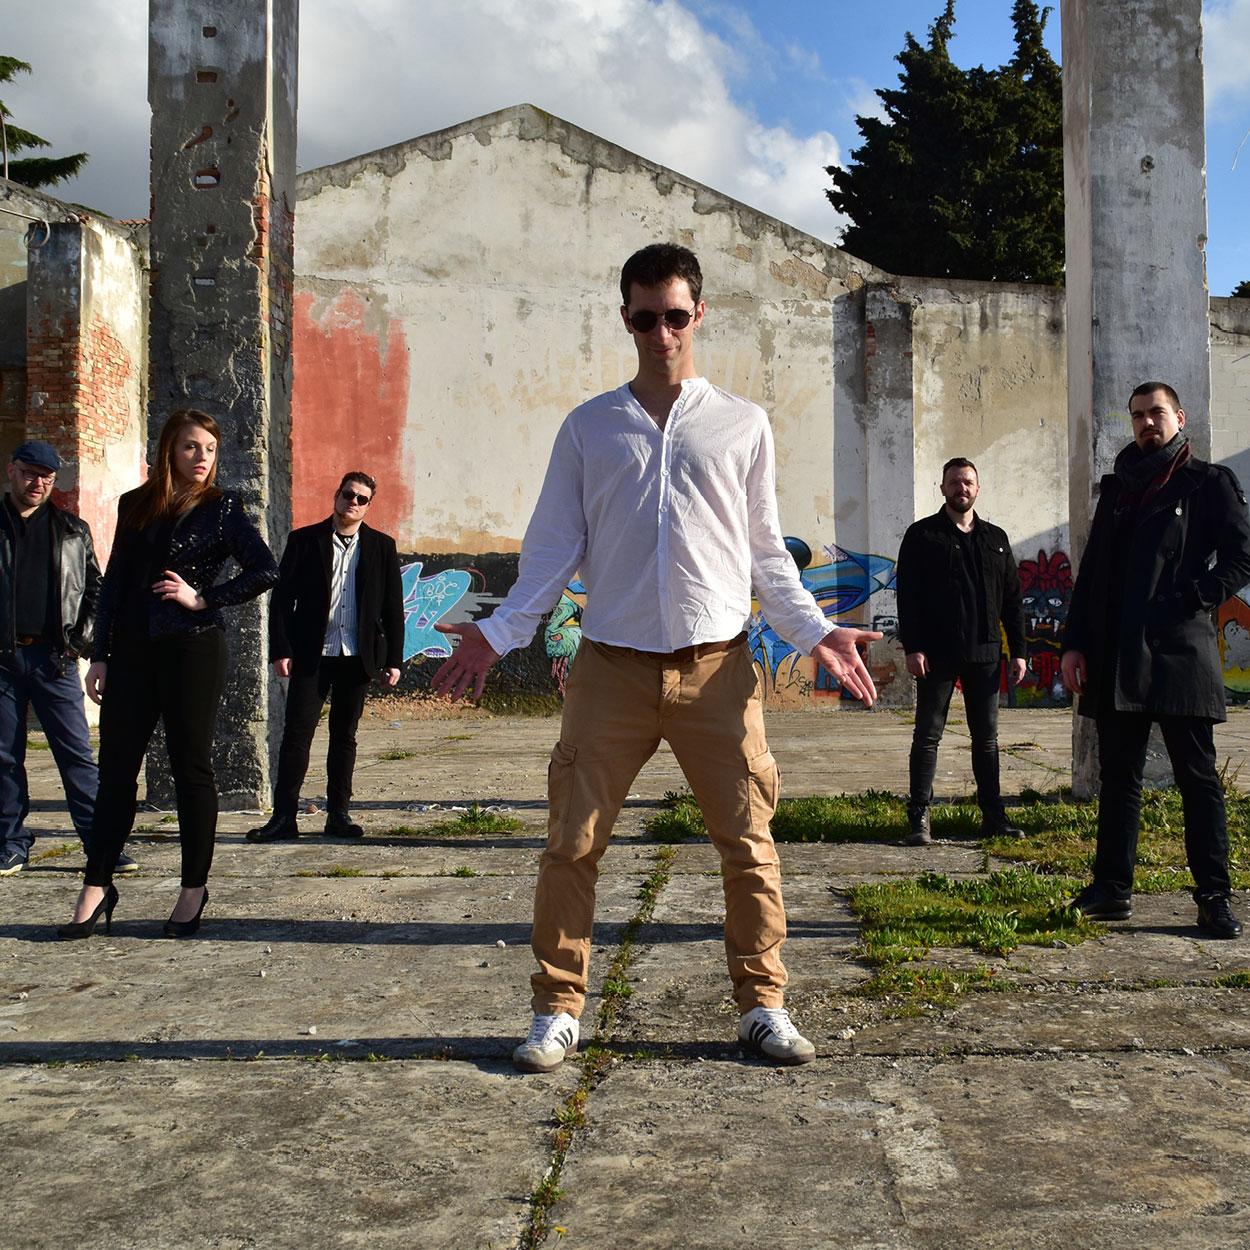 Robbie Wiliamstribute band - Robbie Williams, ime, pevec, zvezda. Na splošno priznan kot eden od glavnih pevcev zadnjih desetletij s svojim edinstvenim odrskim pristopom, njegovim prepoznavnim glasom in njegovo karizmo.LET US ENTERTAIN YOU!od 23.35 do 1.35